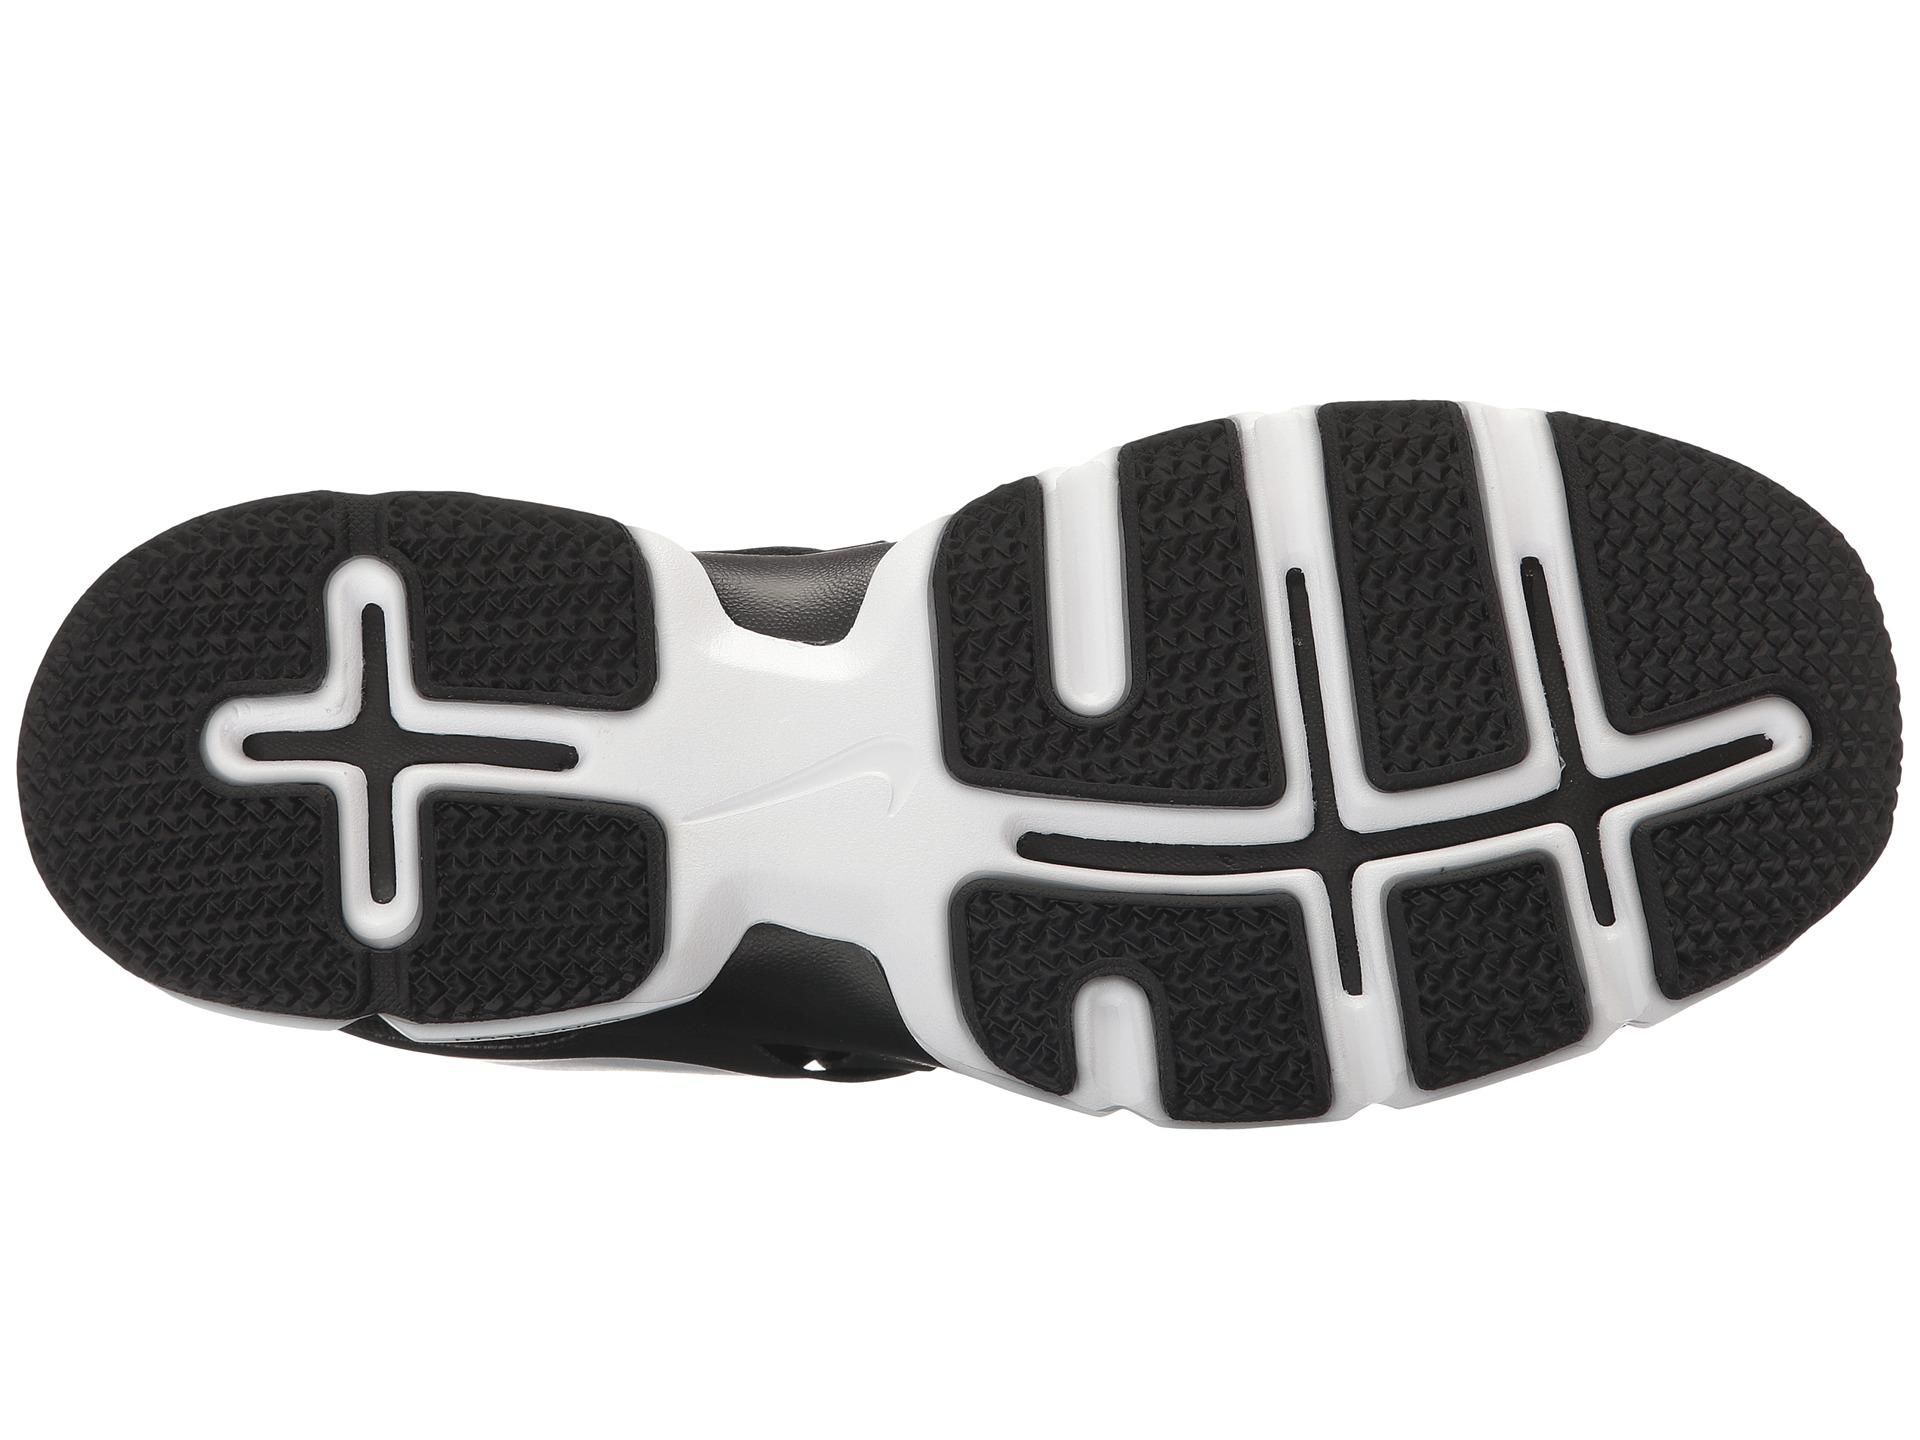 Nike Lunar Ultimate Tr Premium Reviews